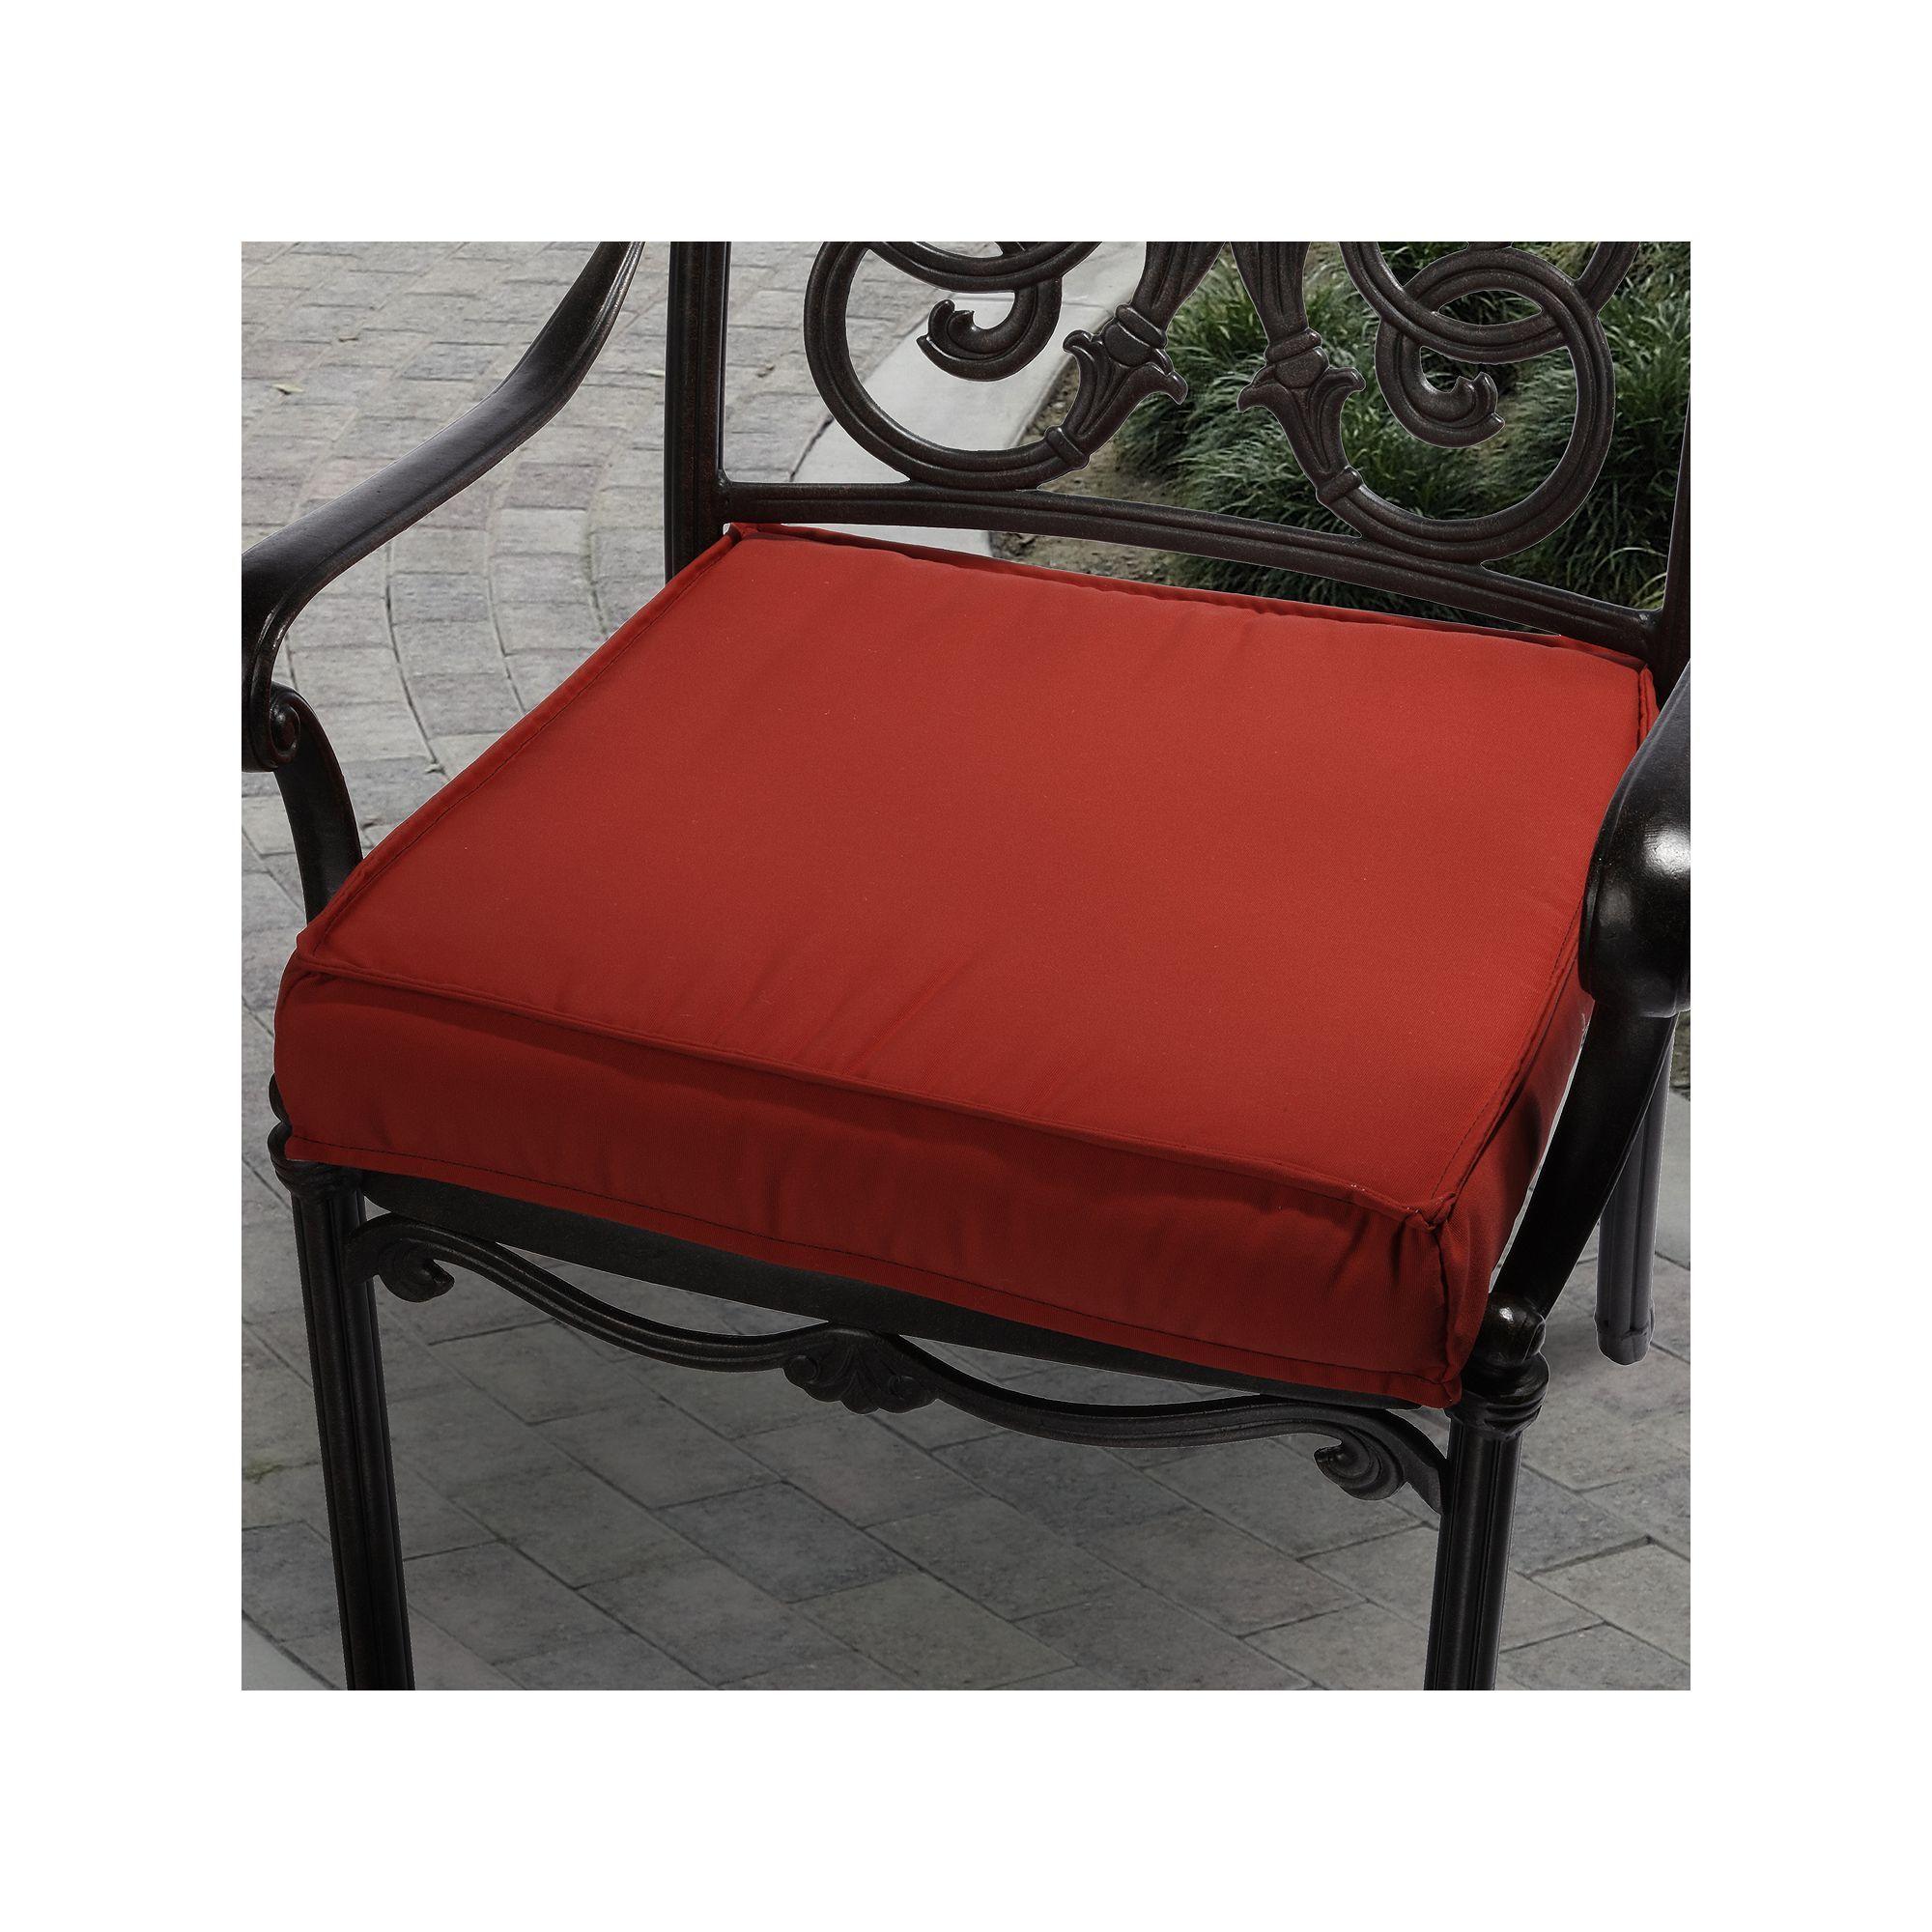 Mozaic Sunbrella 19 In Canvas Outdoor Chair Cushion Red